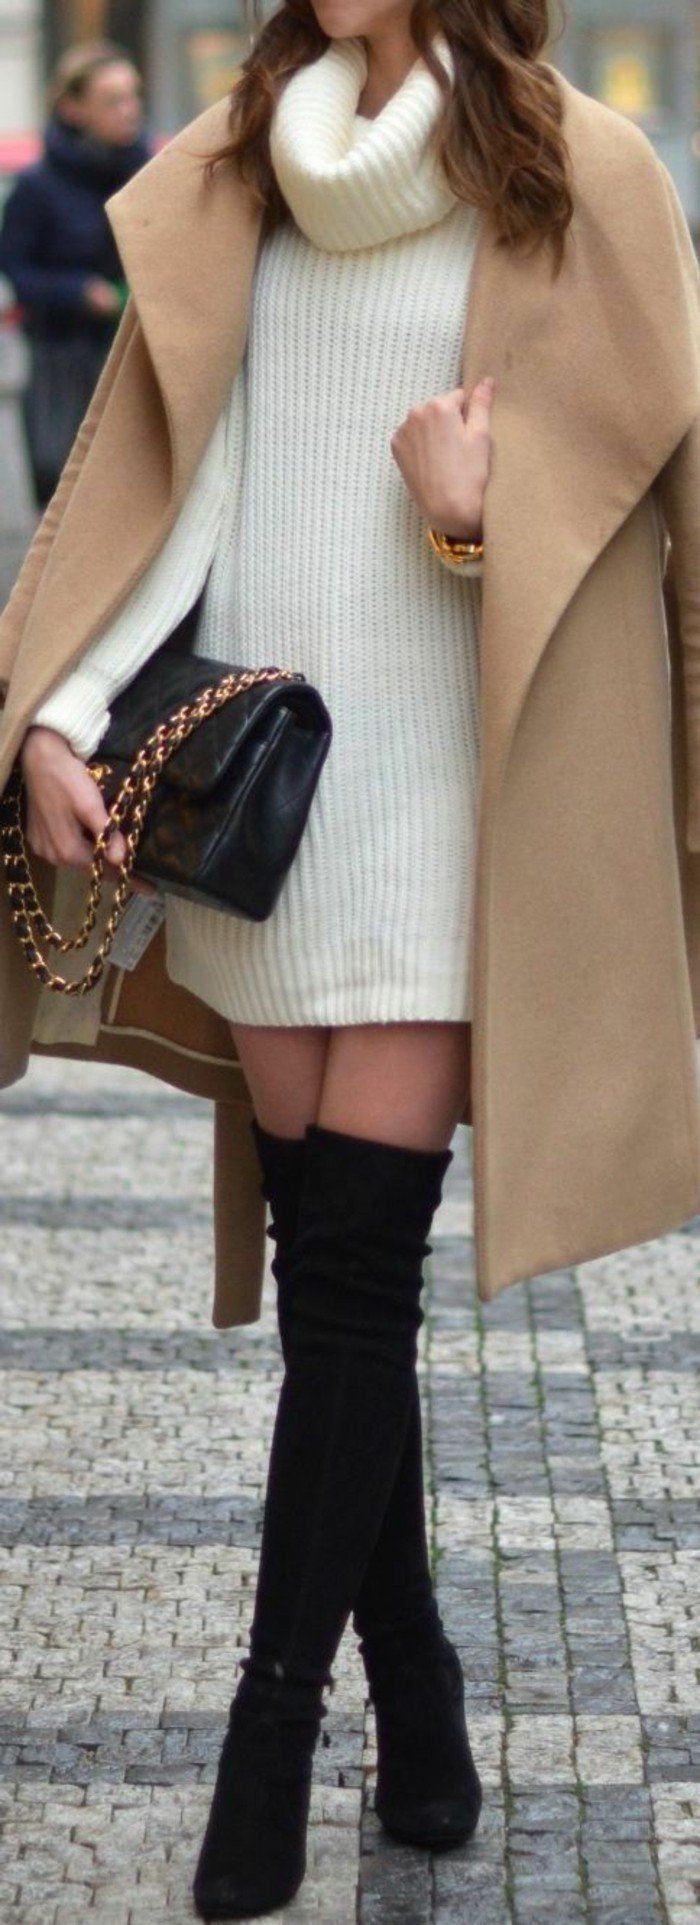 bottes cavalières ultra chic à porter avec une robe pull col roulé et large manteau